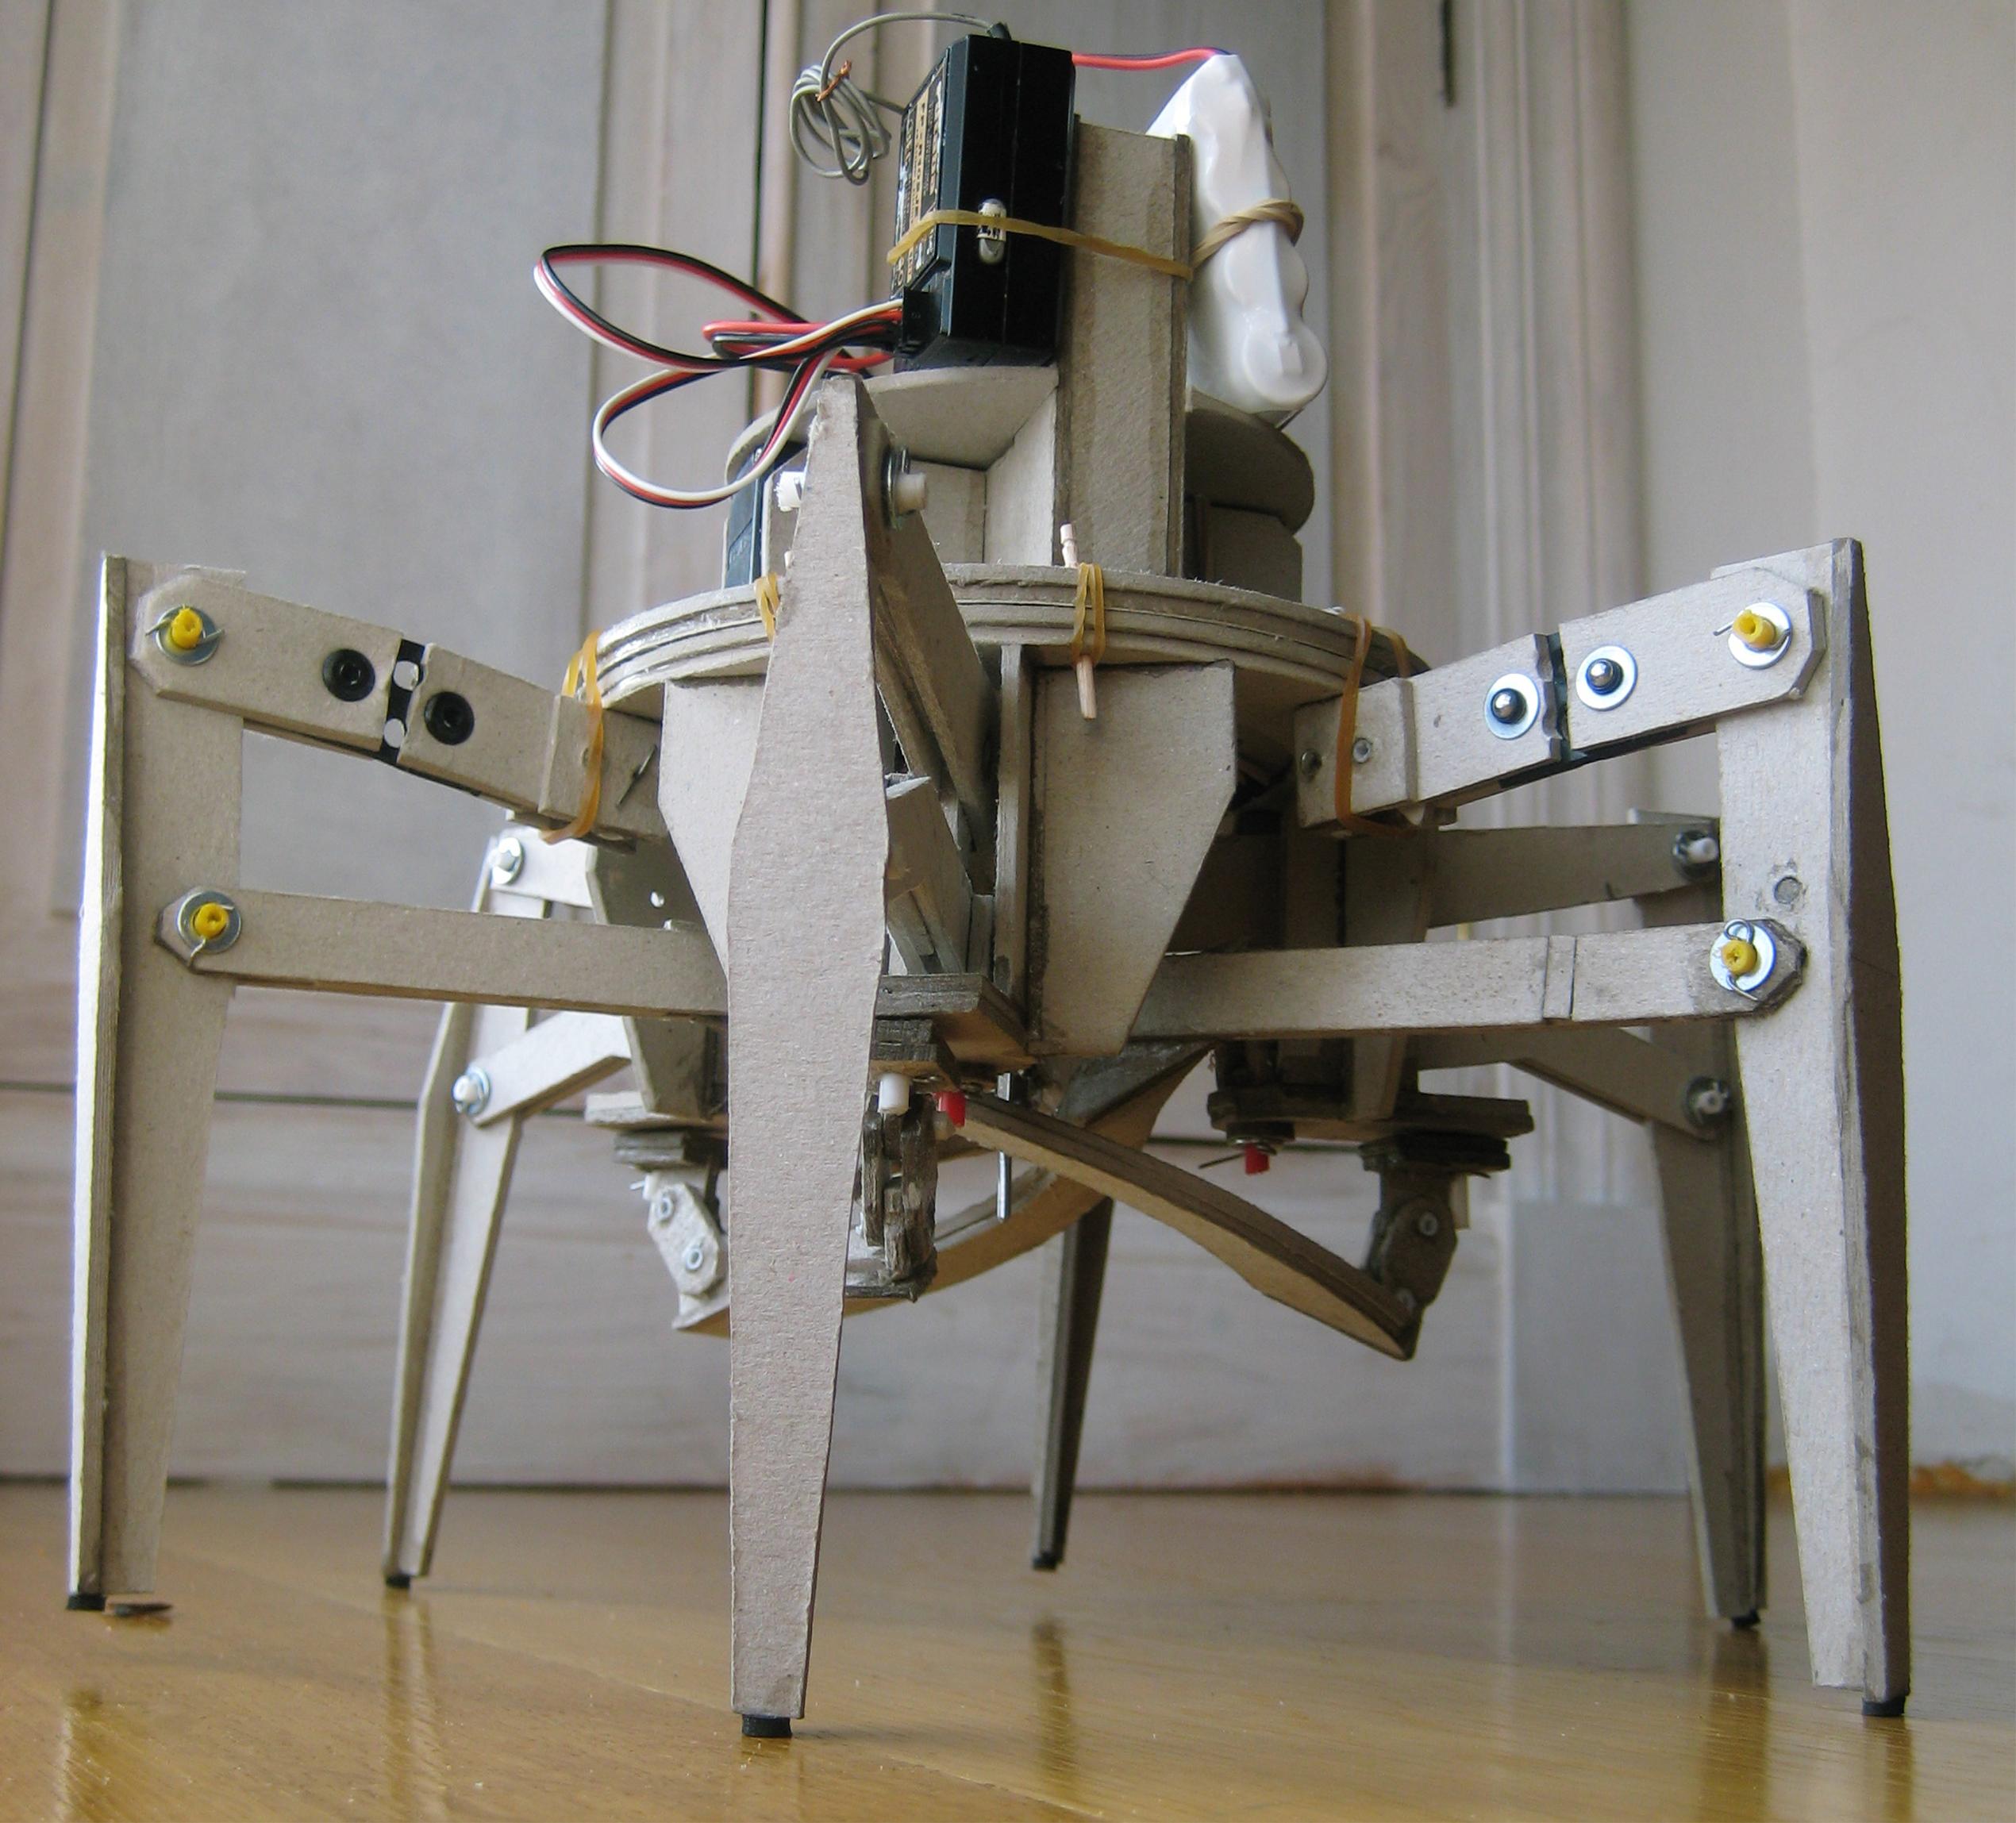 BIDEOspiderkartoiYOUTUBE Benetazko neurrizko plantillak 2,5mm ko kartoiaz eraikitzeko: KARTOIEZKO EREDUAK(cardboard plains) 2,5mm GURPILAK (gears)  Kartoiezko spider tank BIDEOA